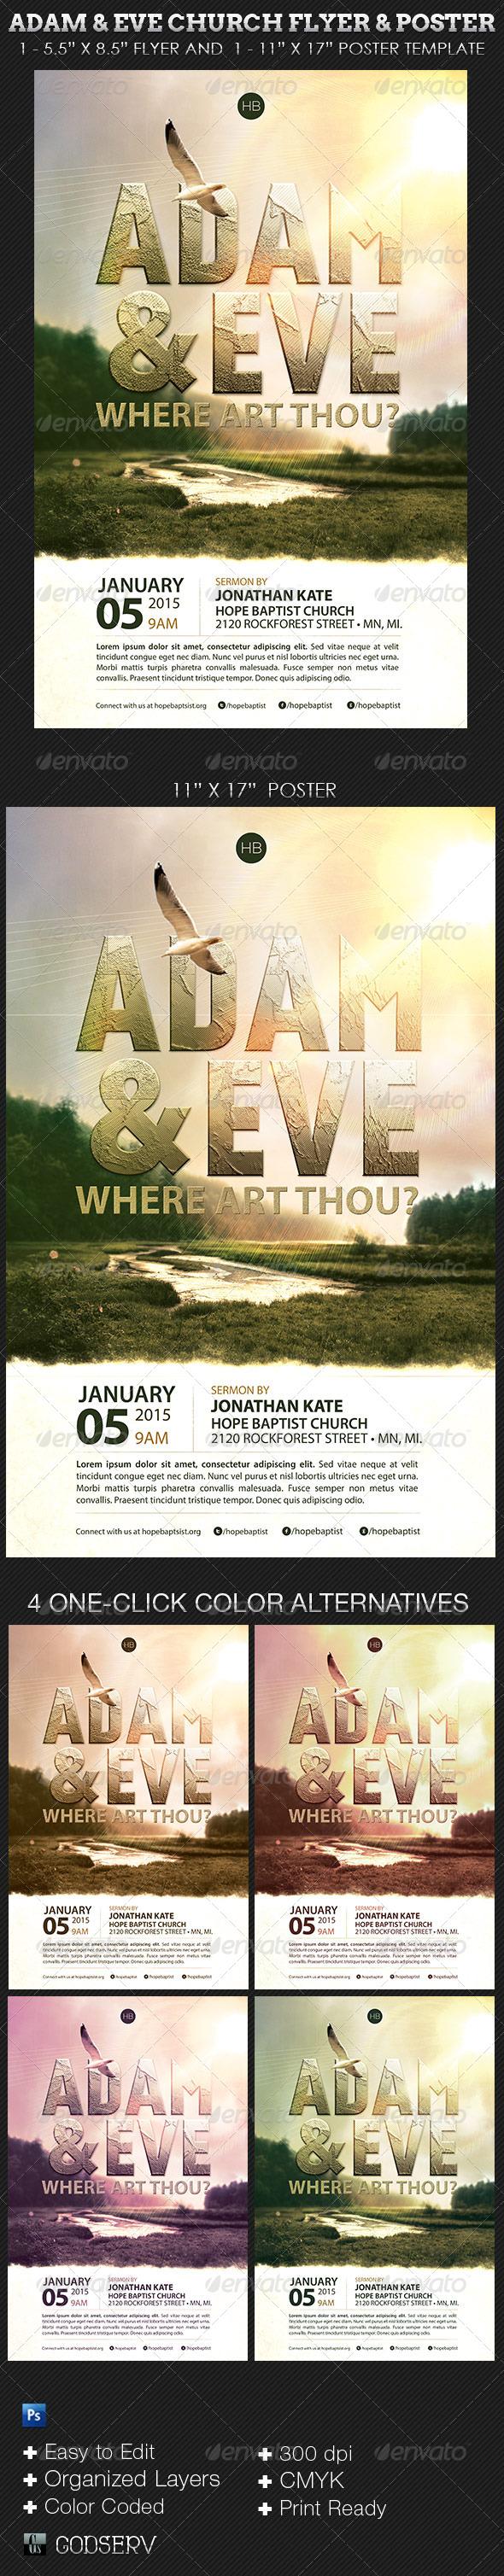 Adam Eve Flyer Poster Church Template - Church Flyers